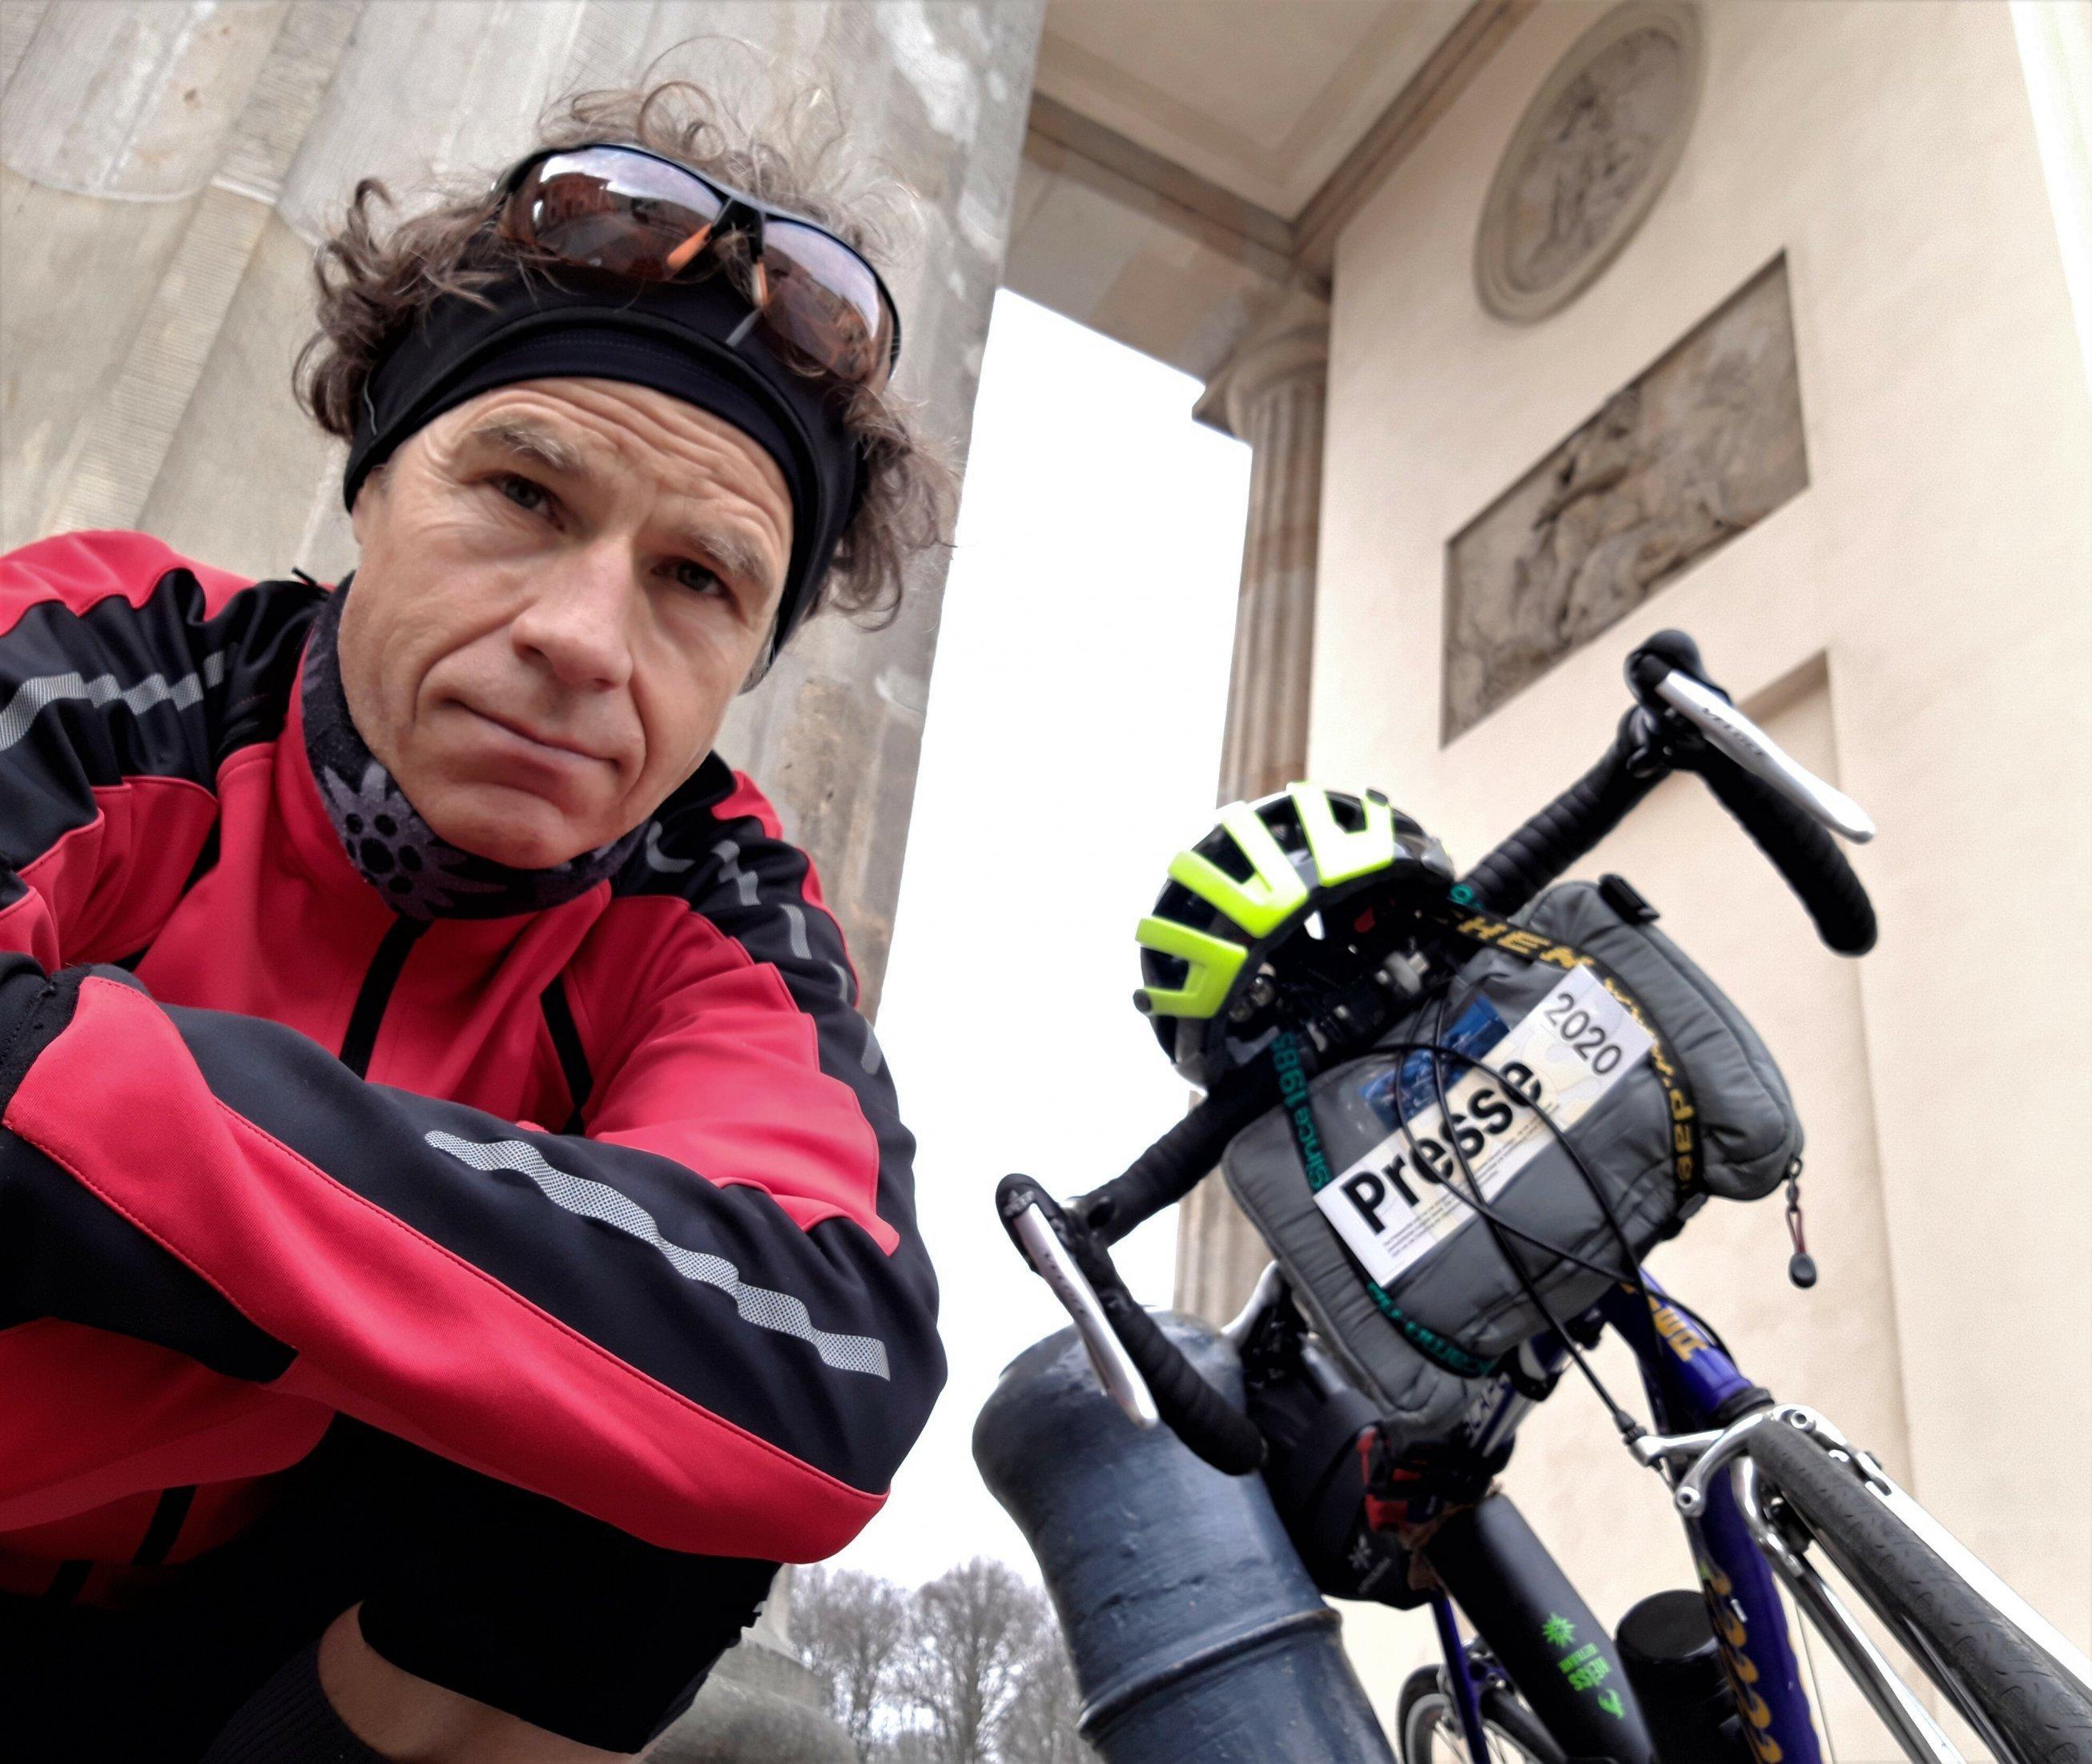 Martin C. Roos schaut in die Kamera, im Hintergrund ein Teil seines Rads und des Brandenburger Tors.